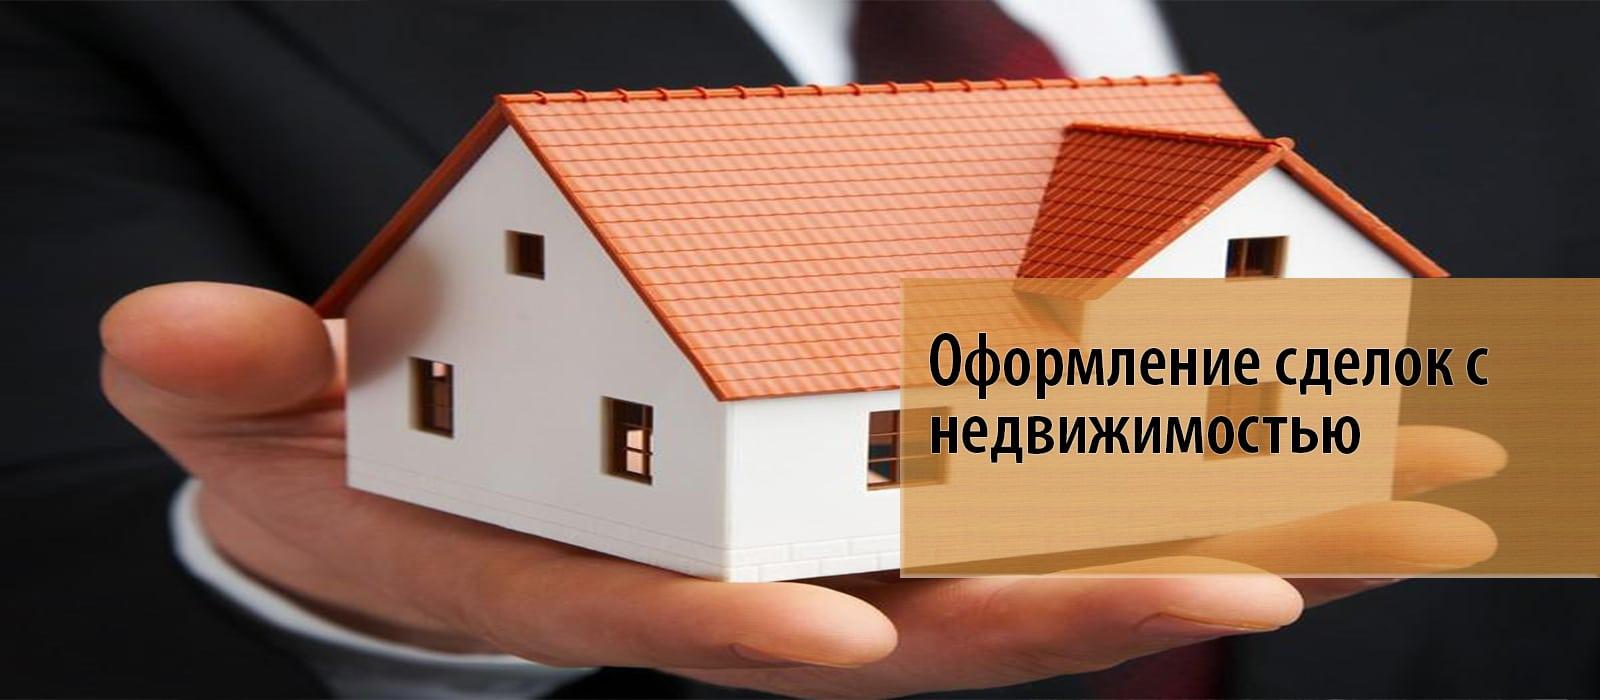 Помощь в оформлении сделок с недвижимостью в Краснодаре